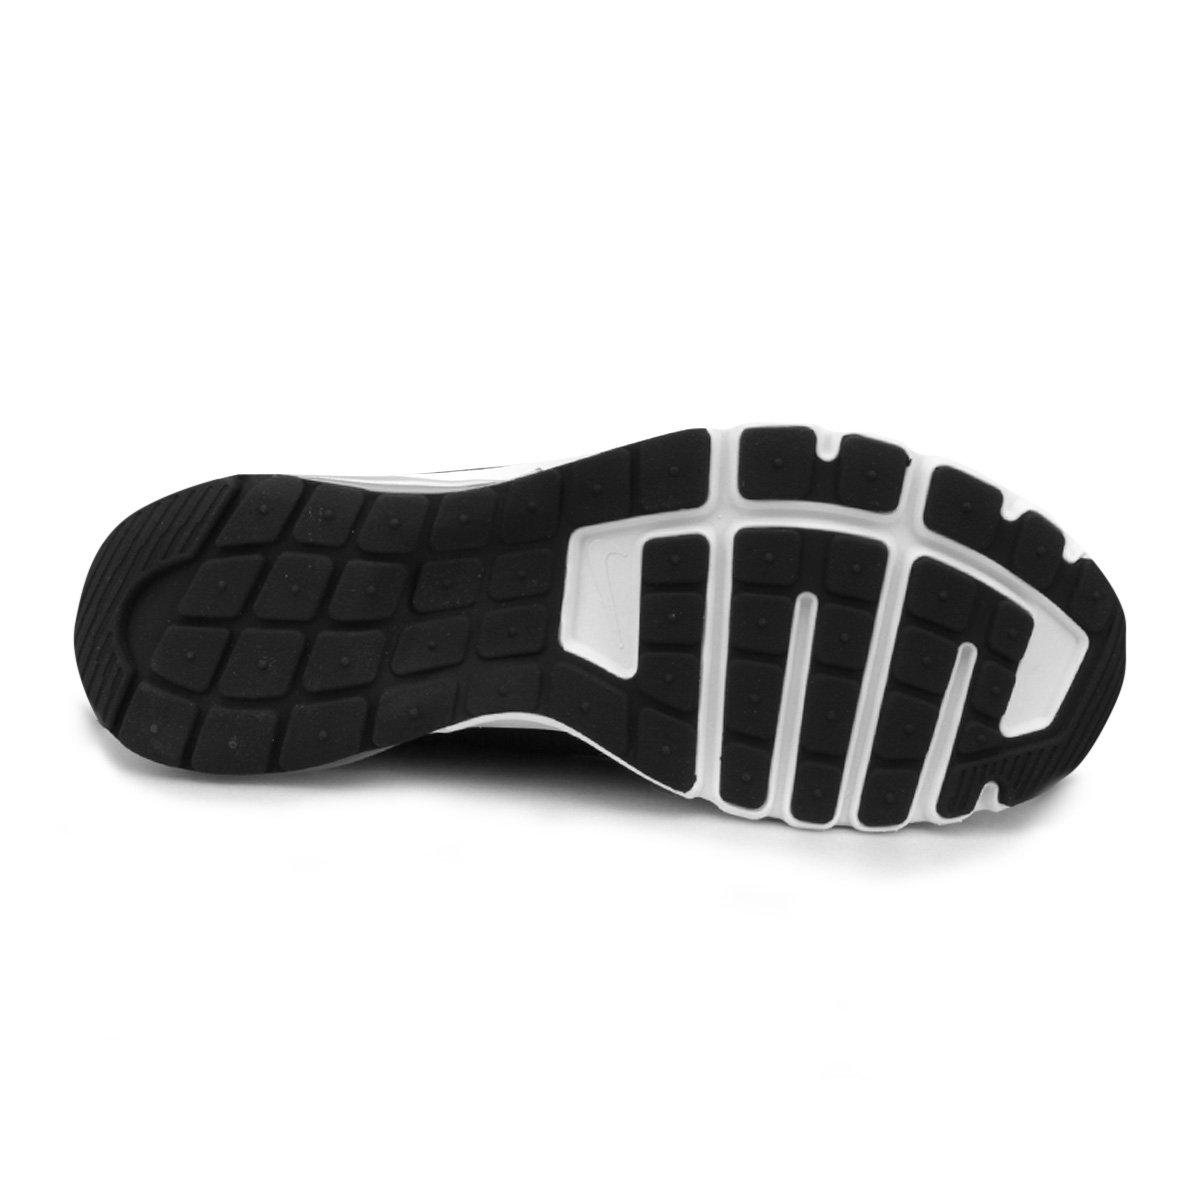 Air Masculino Nike Nike Tênis Air Preto Flair Max 50 Tênis Flair Max q7Opaw